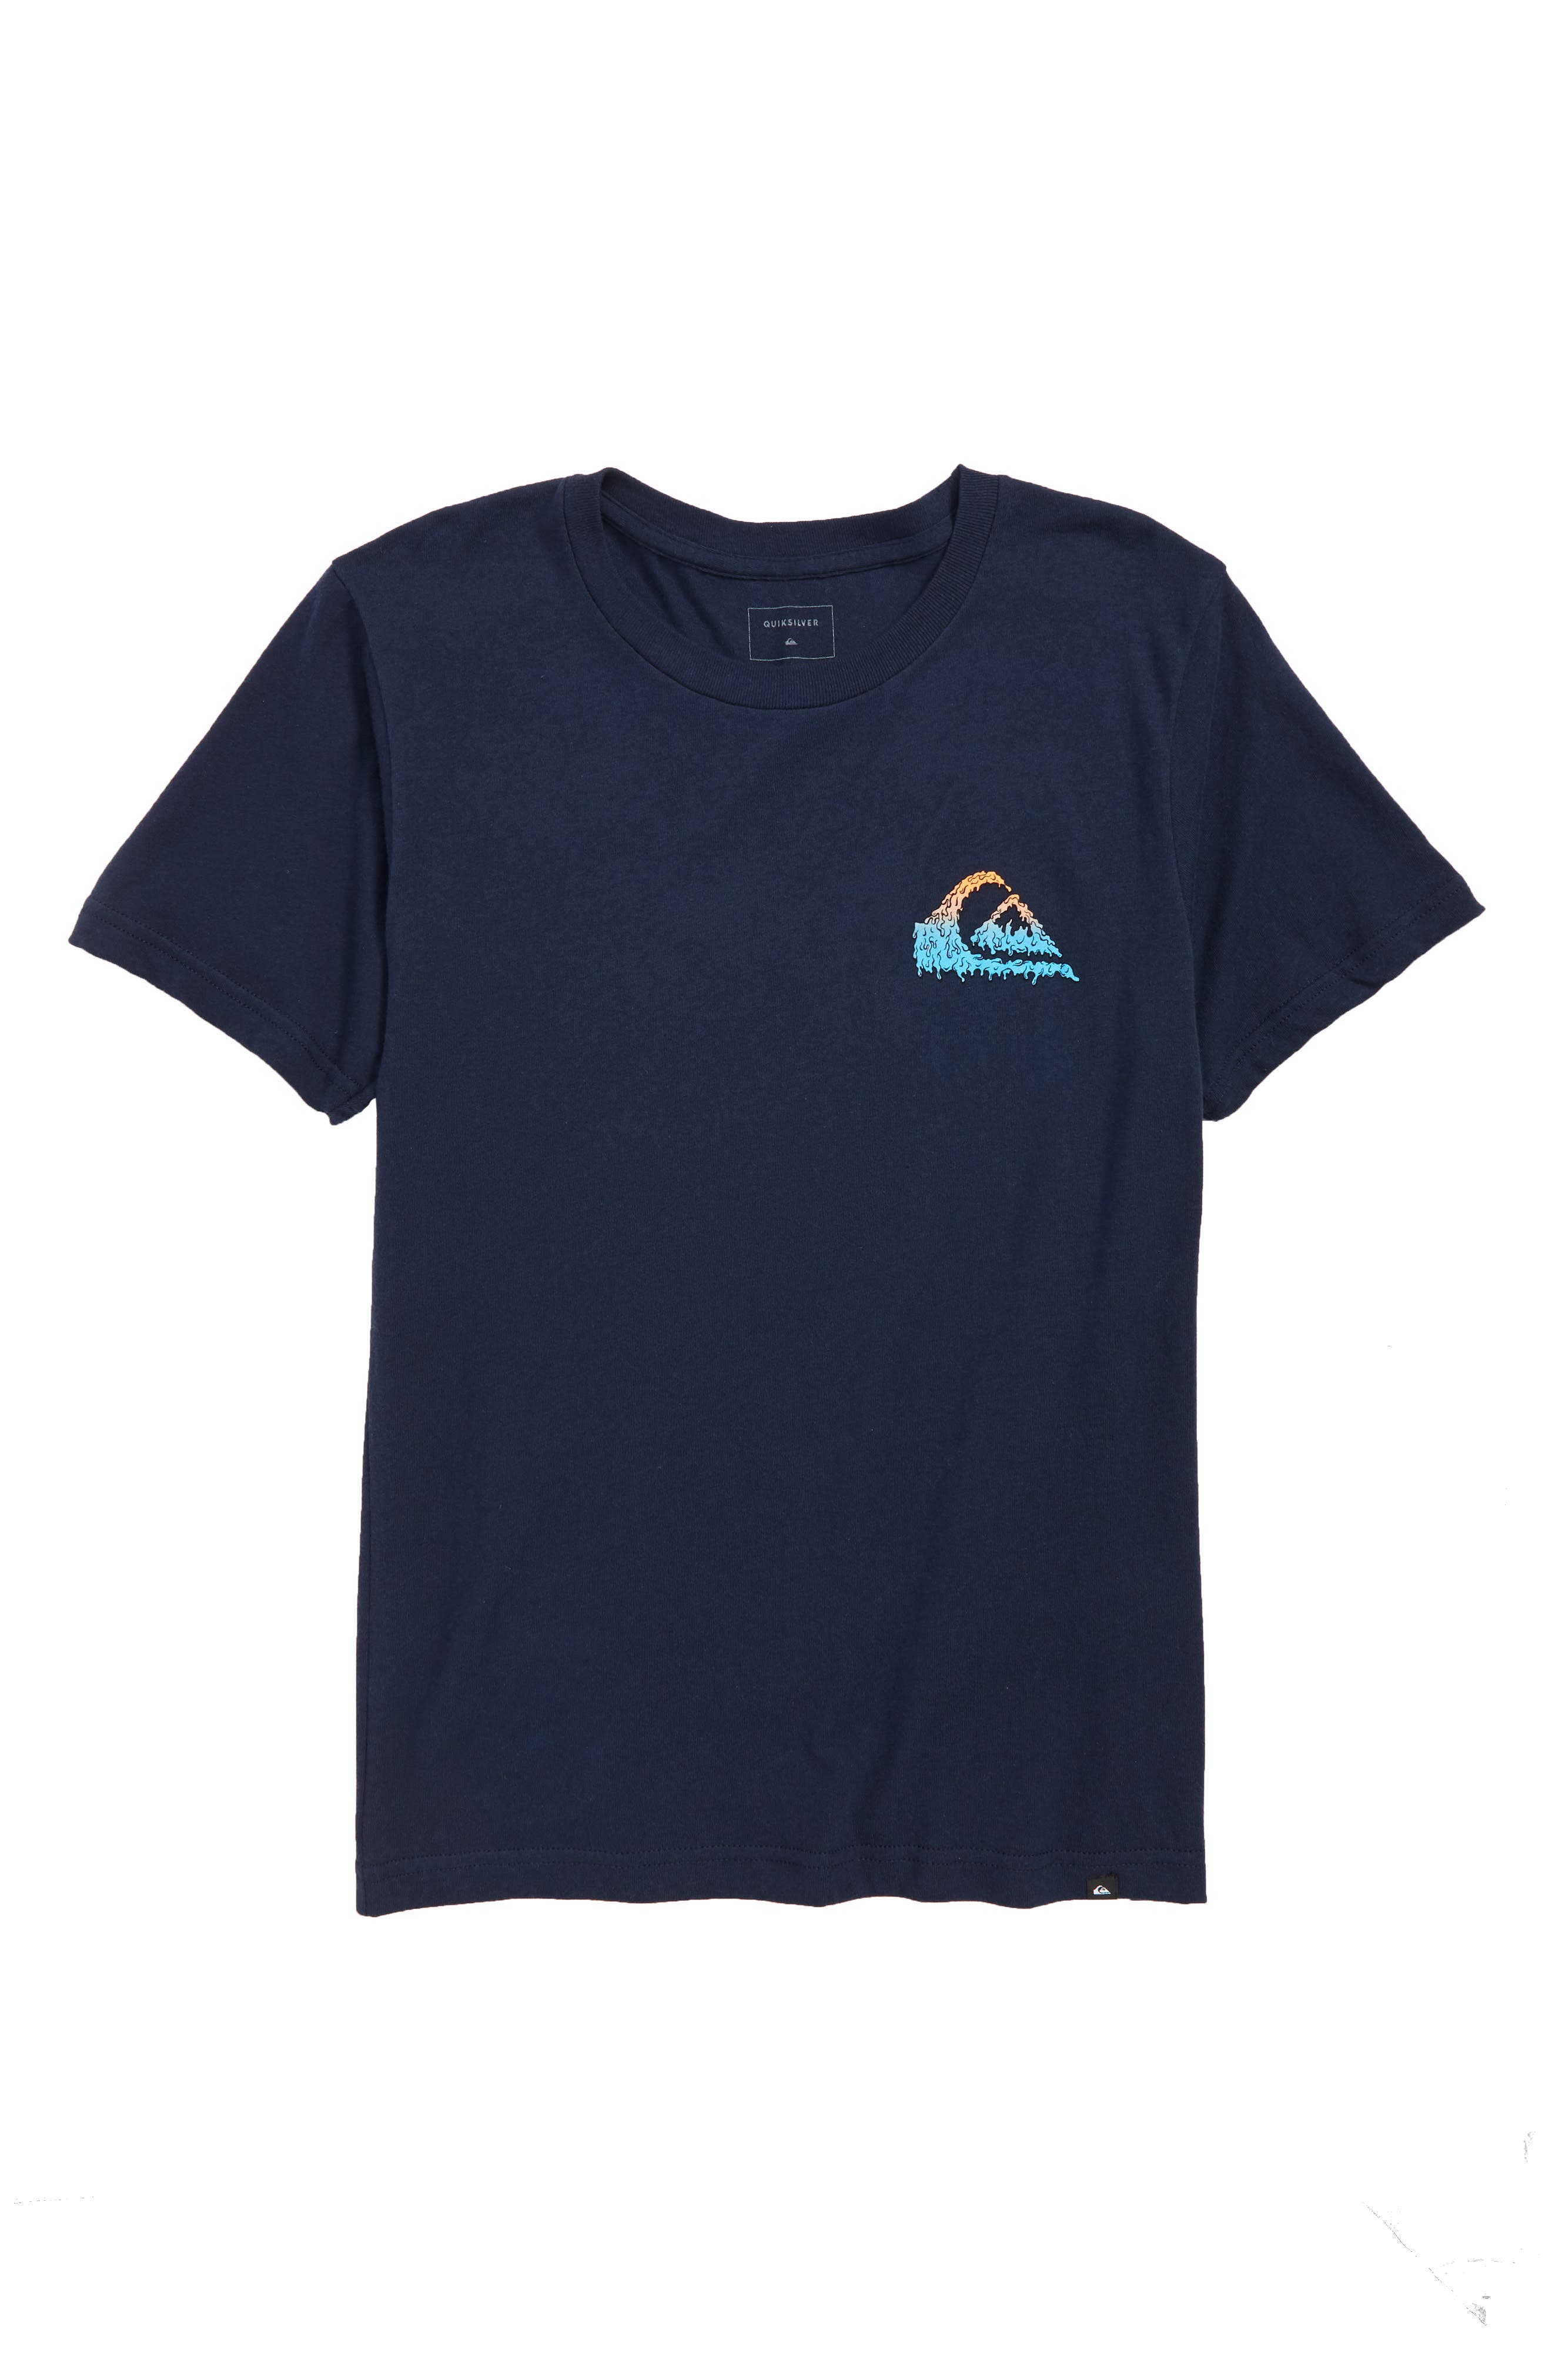 Quicksilver Gloss Varnish Short Sleeve T-Shirt,                         Main,                         color, Navy Blazer